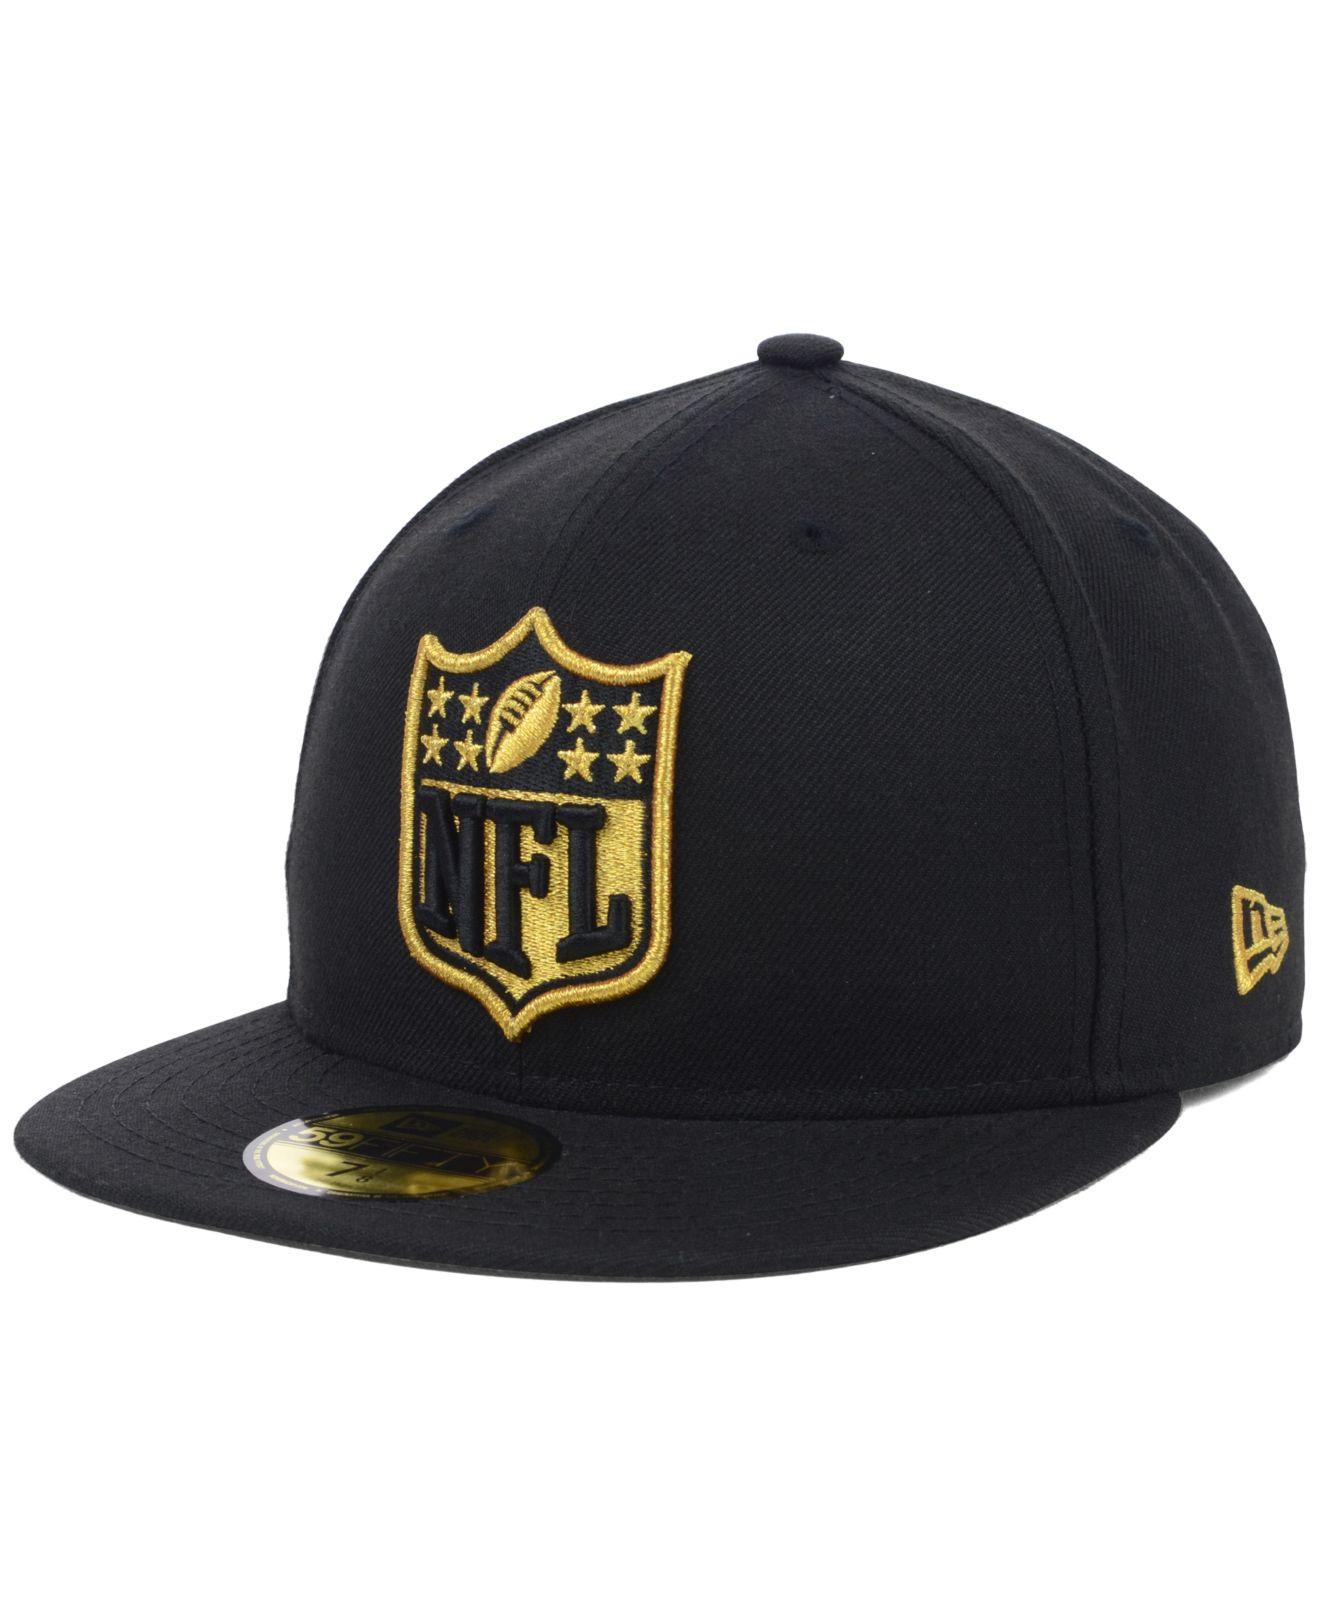 Nfl Logo Hats - Hat HD Image Ukjugs.Org 1ea1b5700ef